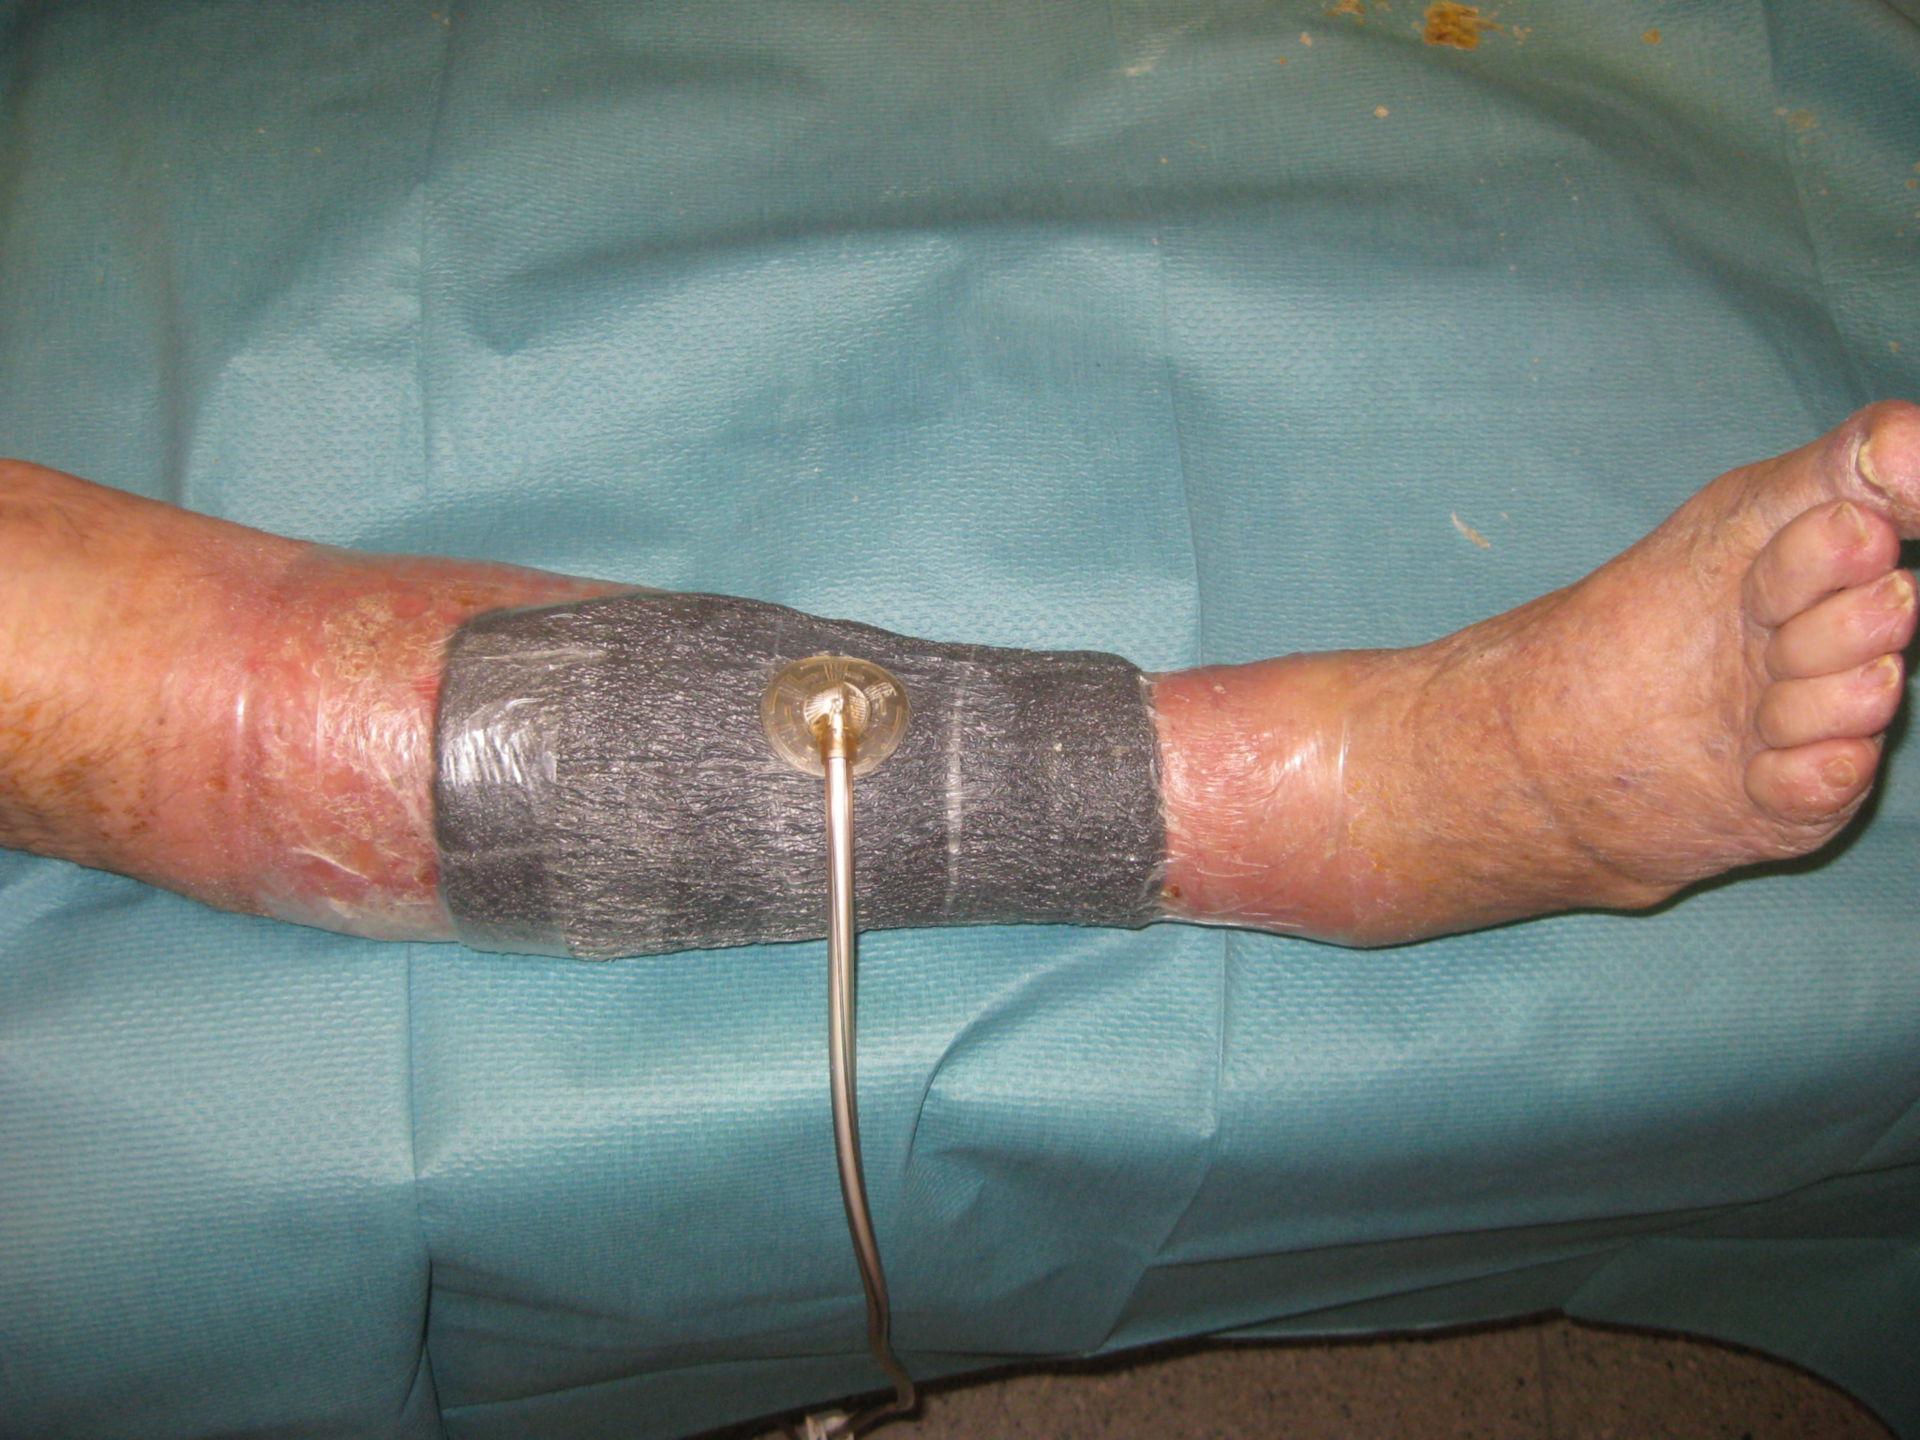 Ulkus cruris - vacuum therapy